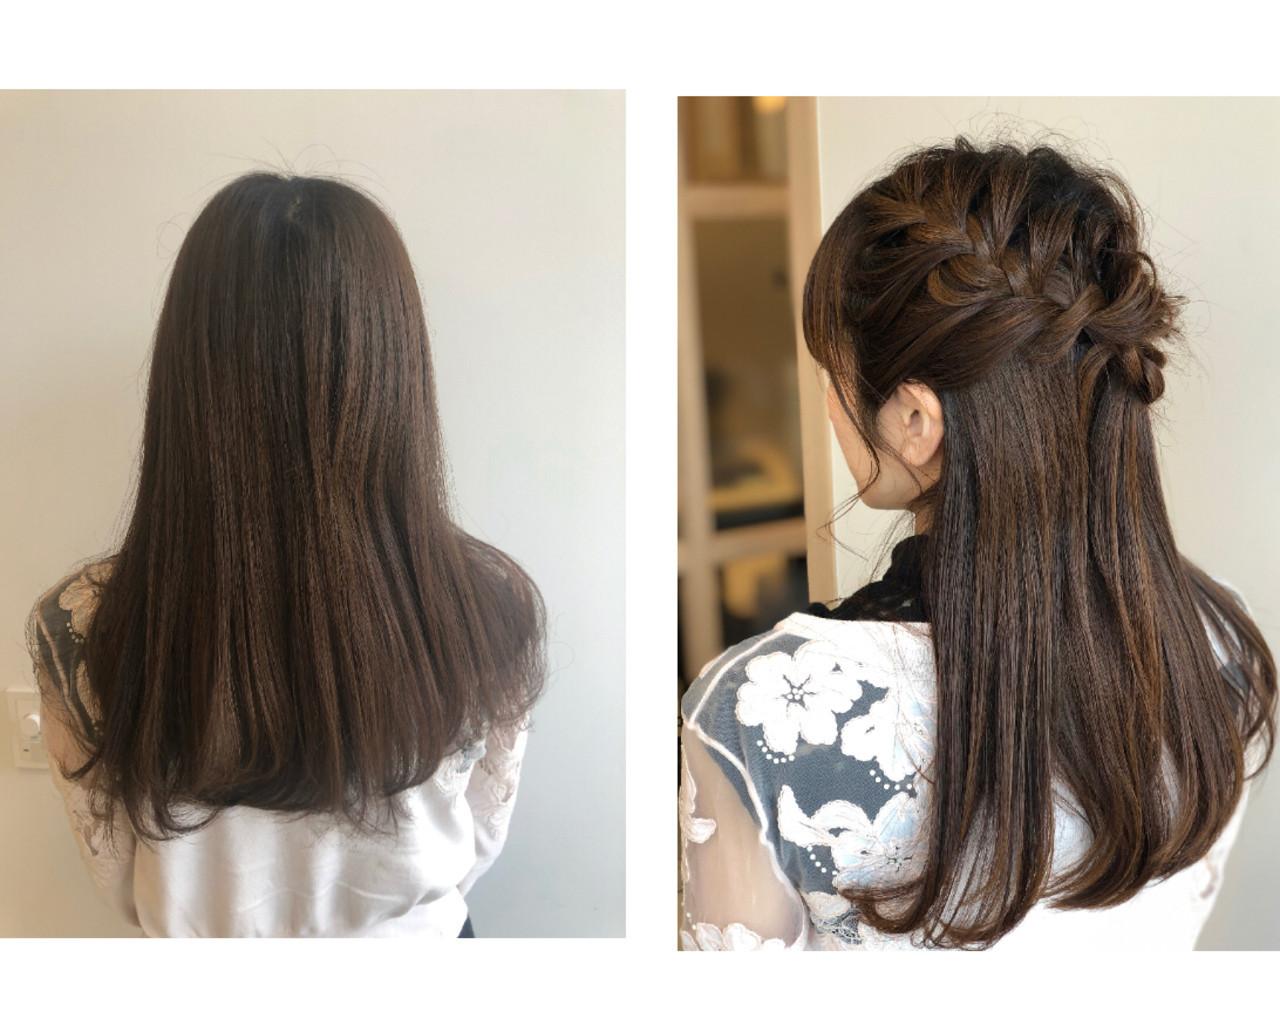 ポニーテール ガーリー セミロング ハーフアップ ヘアスタイルや髪型の写真・画像